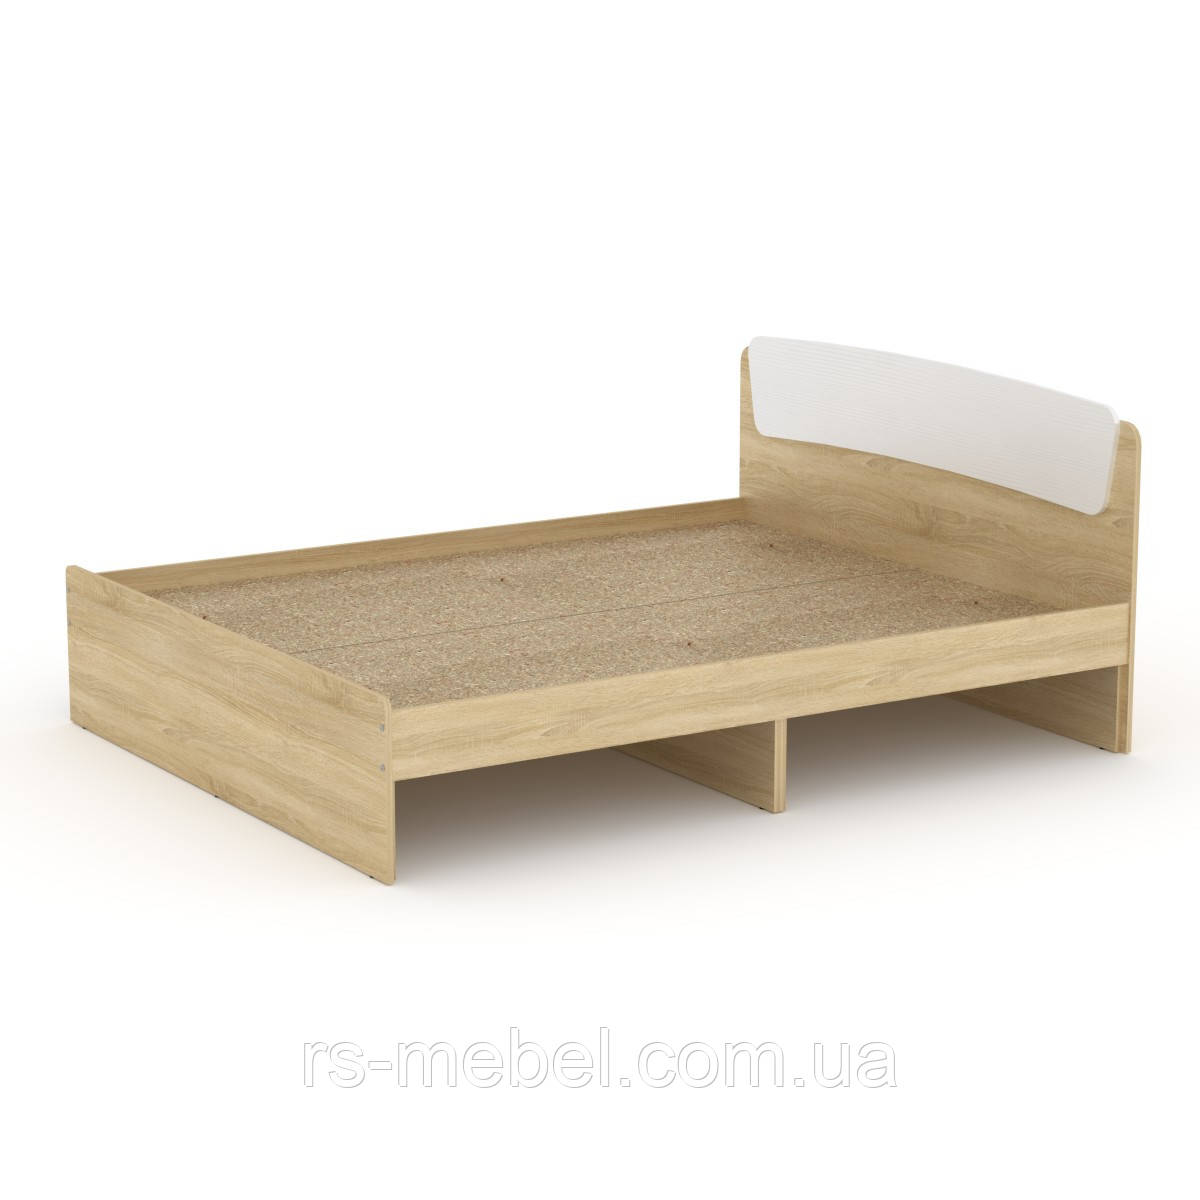 """Ліжко """"Класика-160"""", дсп (Компаніт)"""